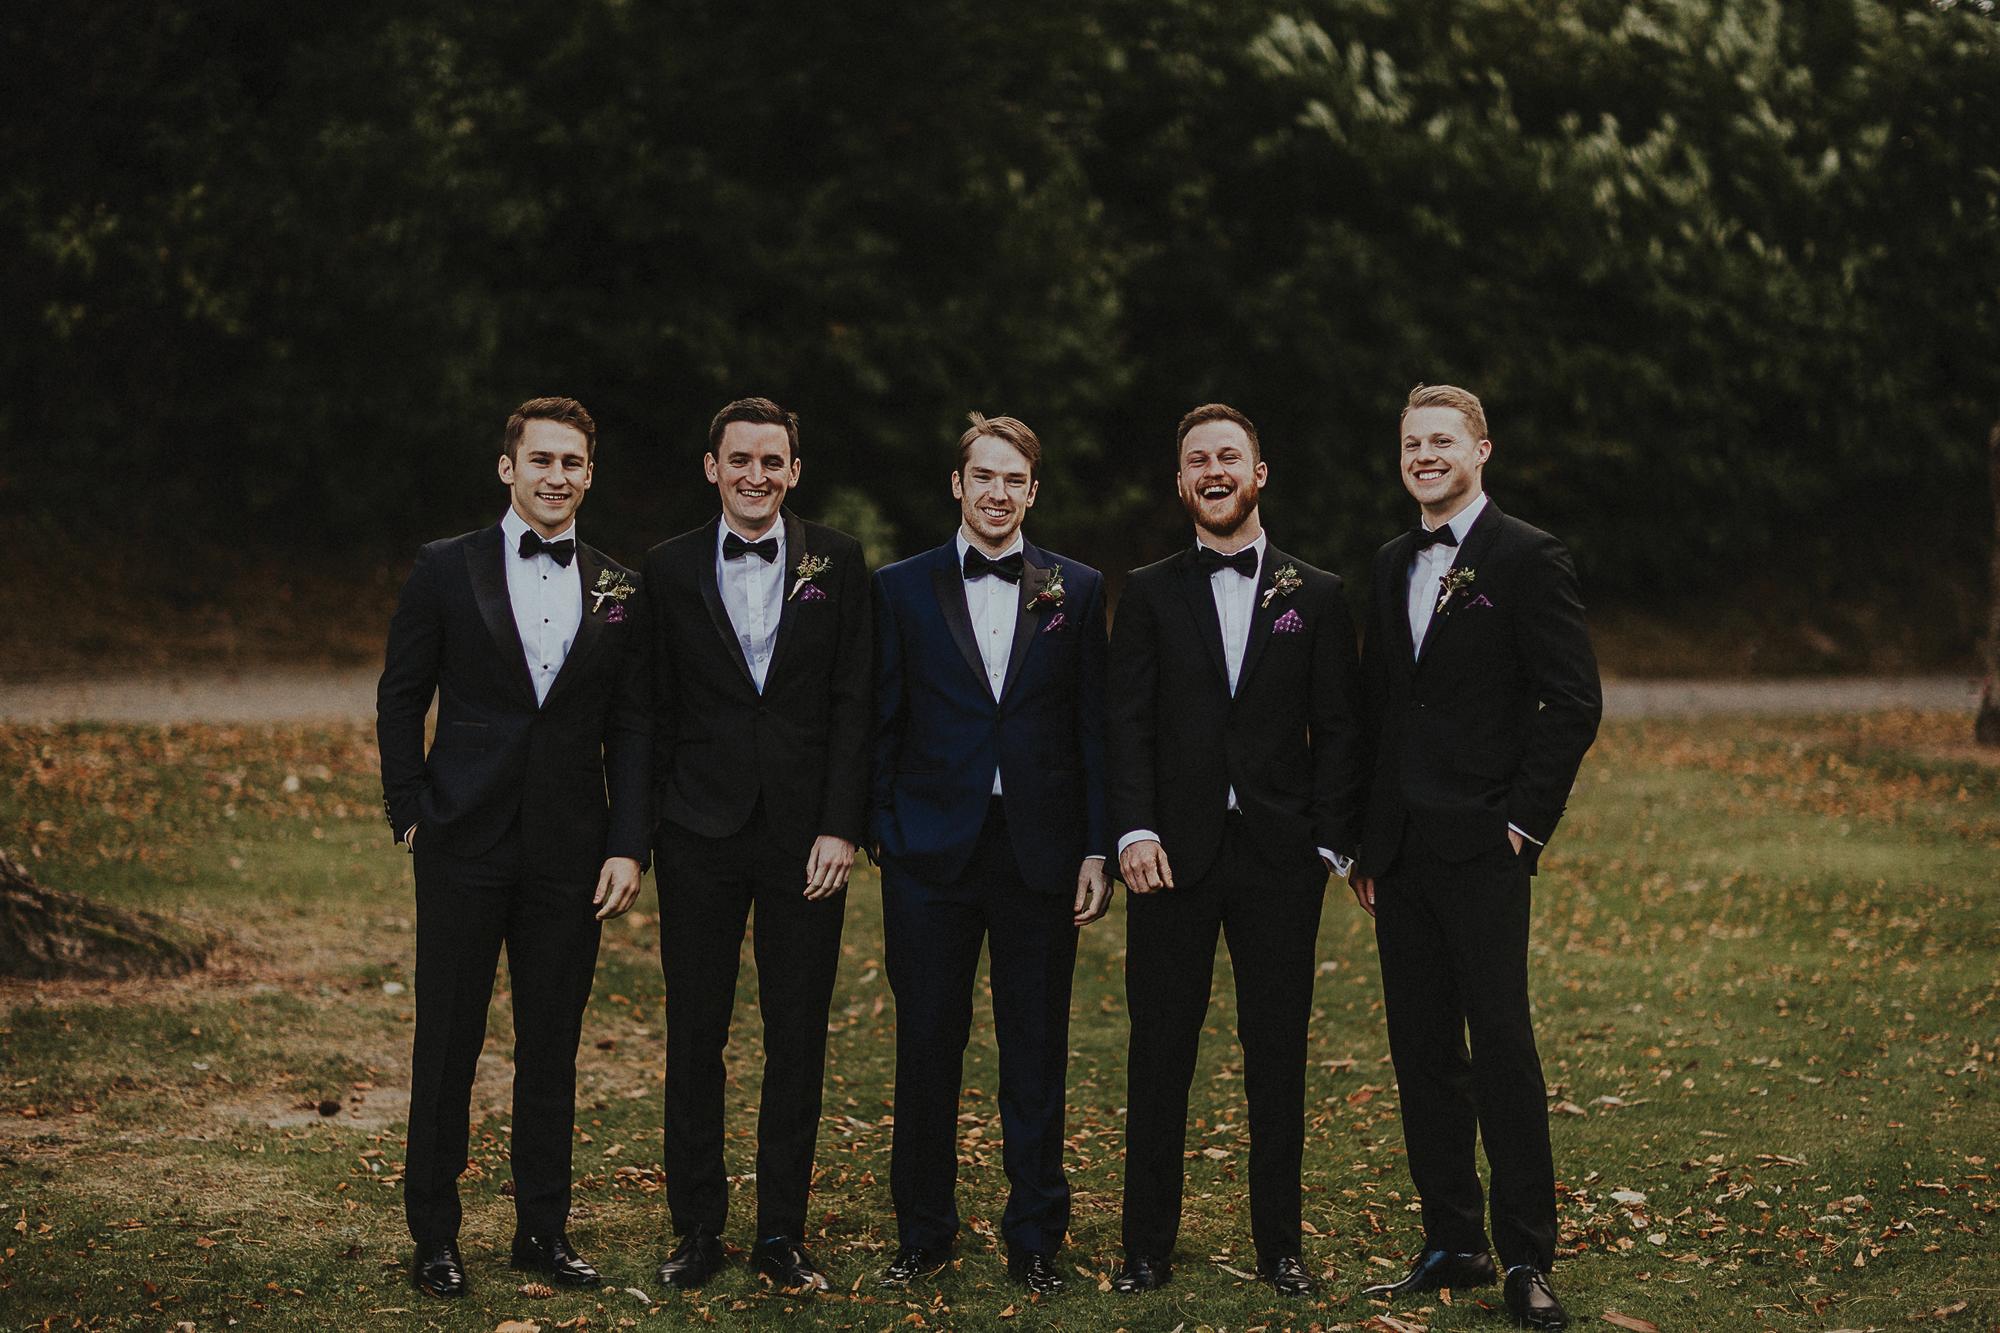 irish_wedding_photograpers_12.jpg